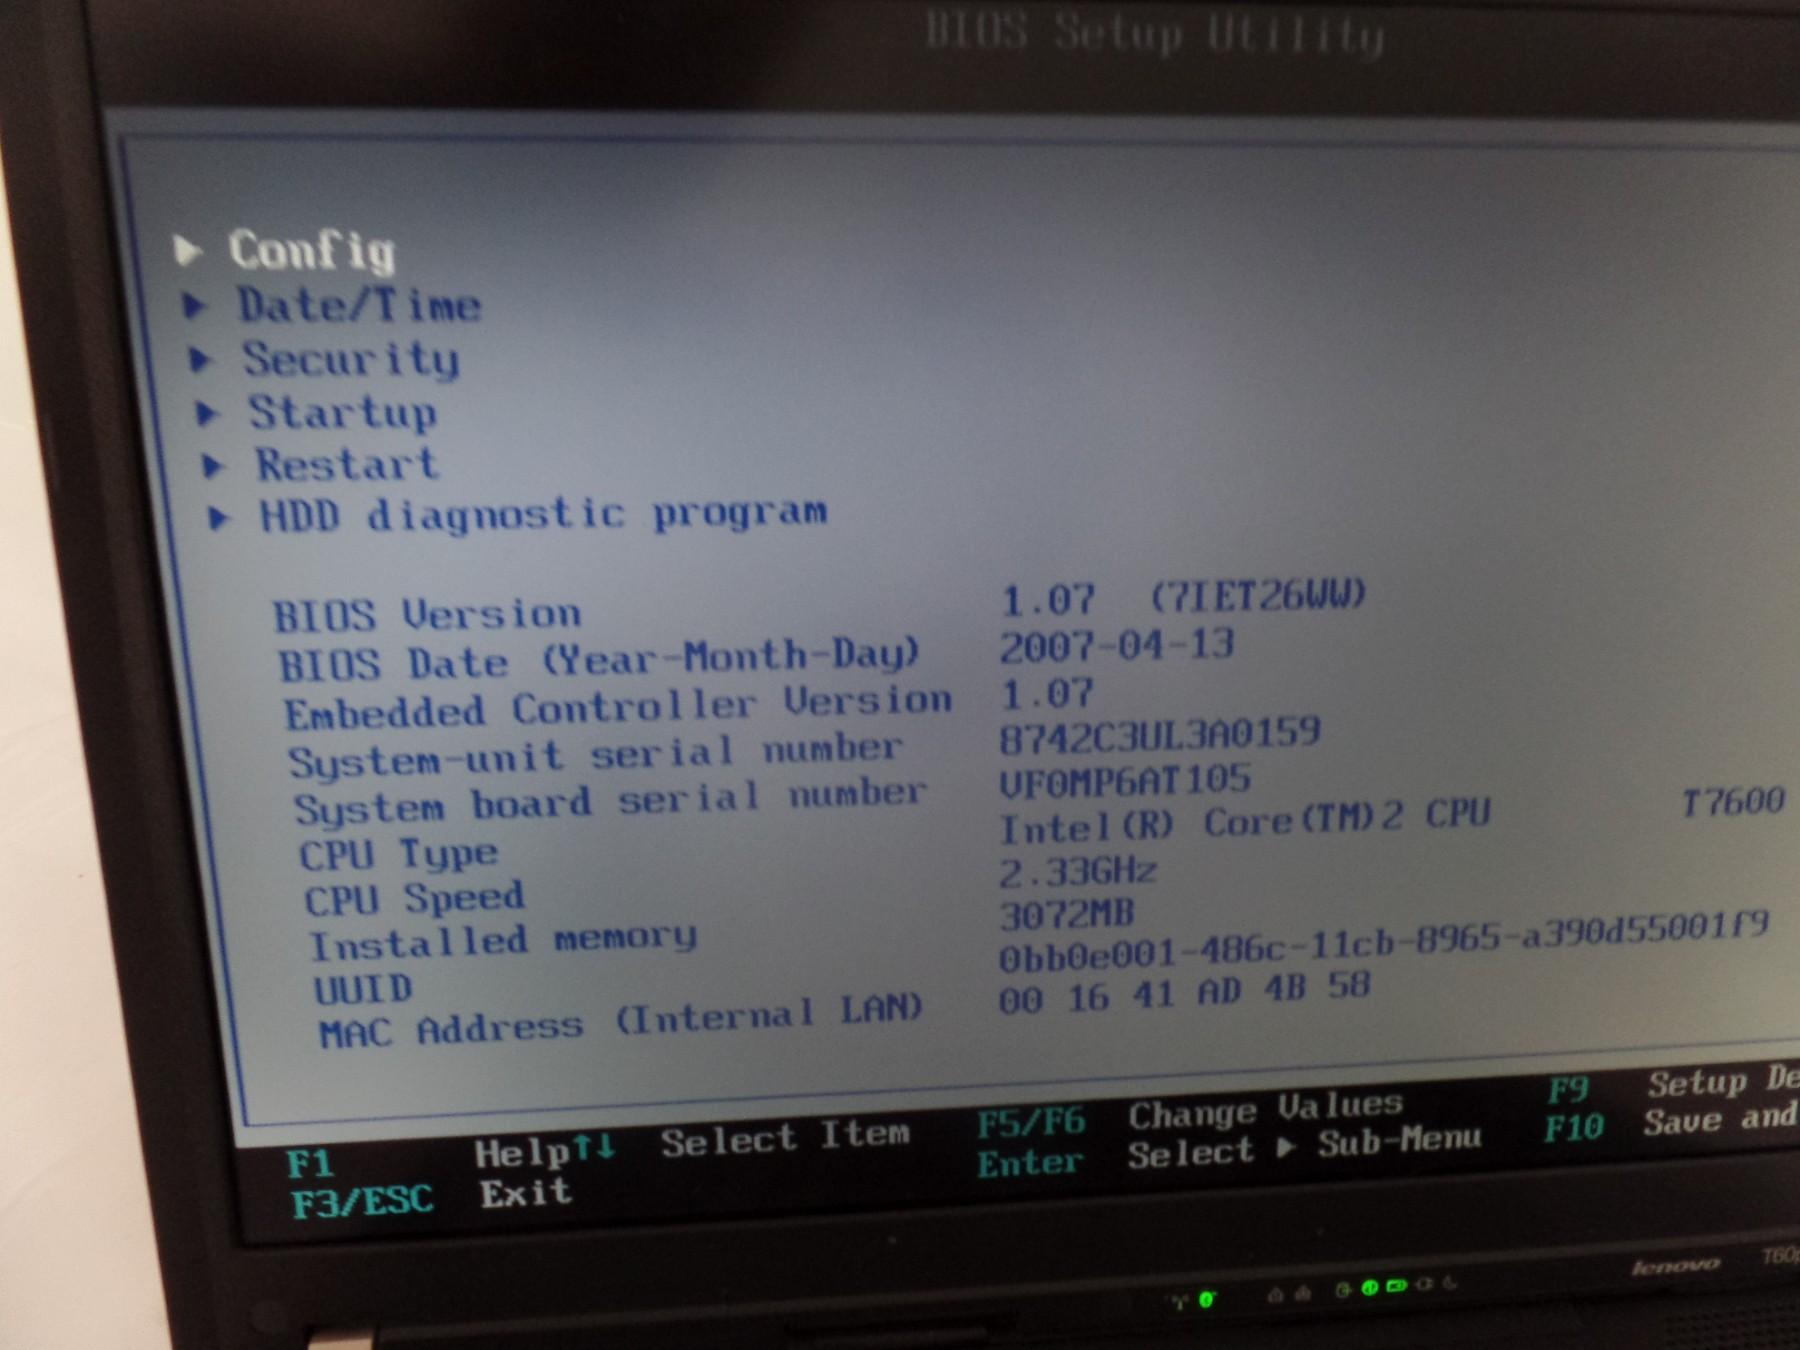 IBM ThinkPad T60p 8742-C3U 15 4